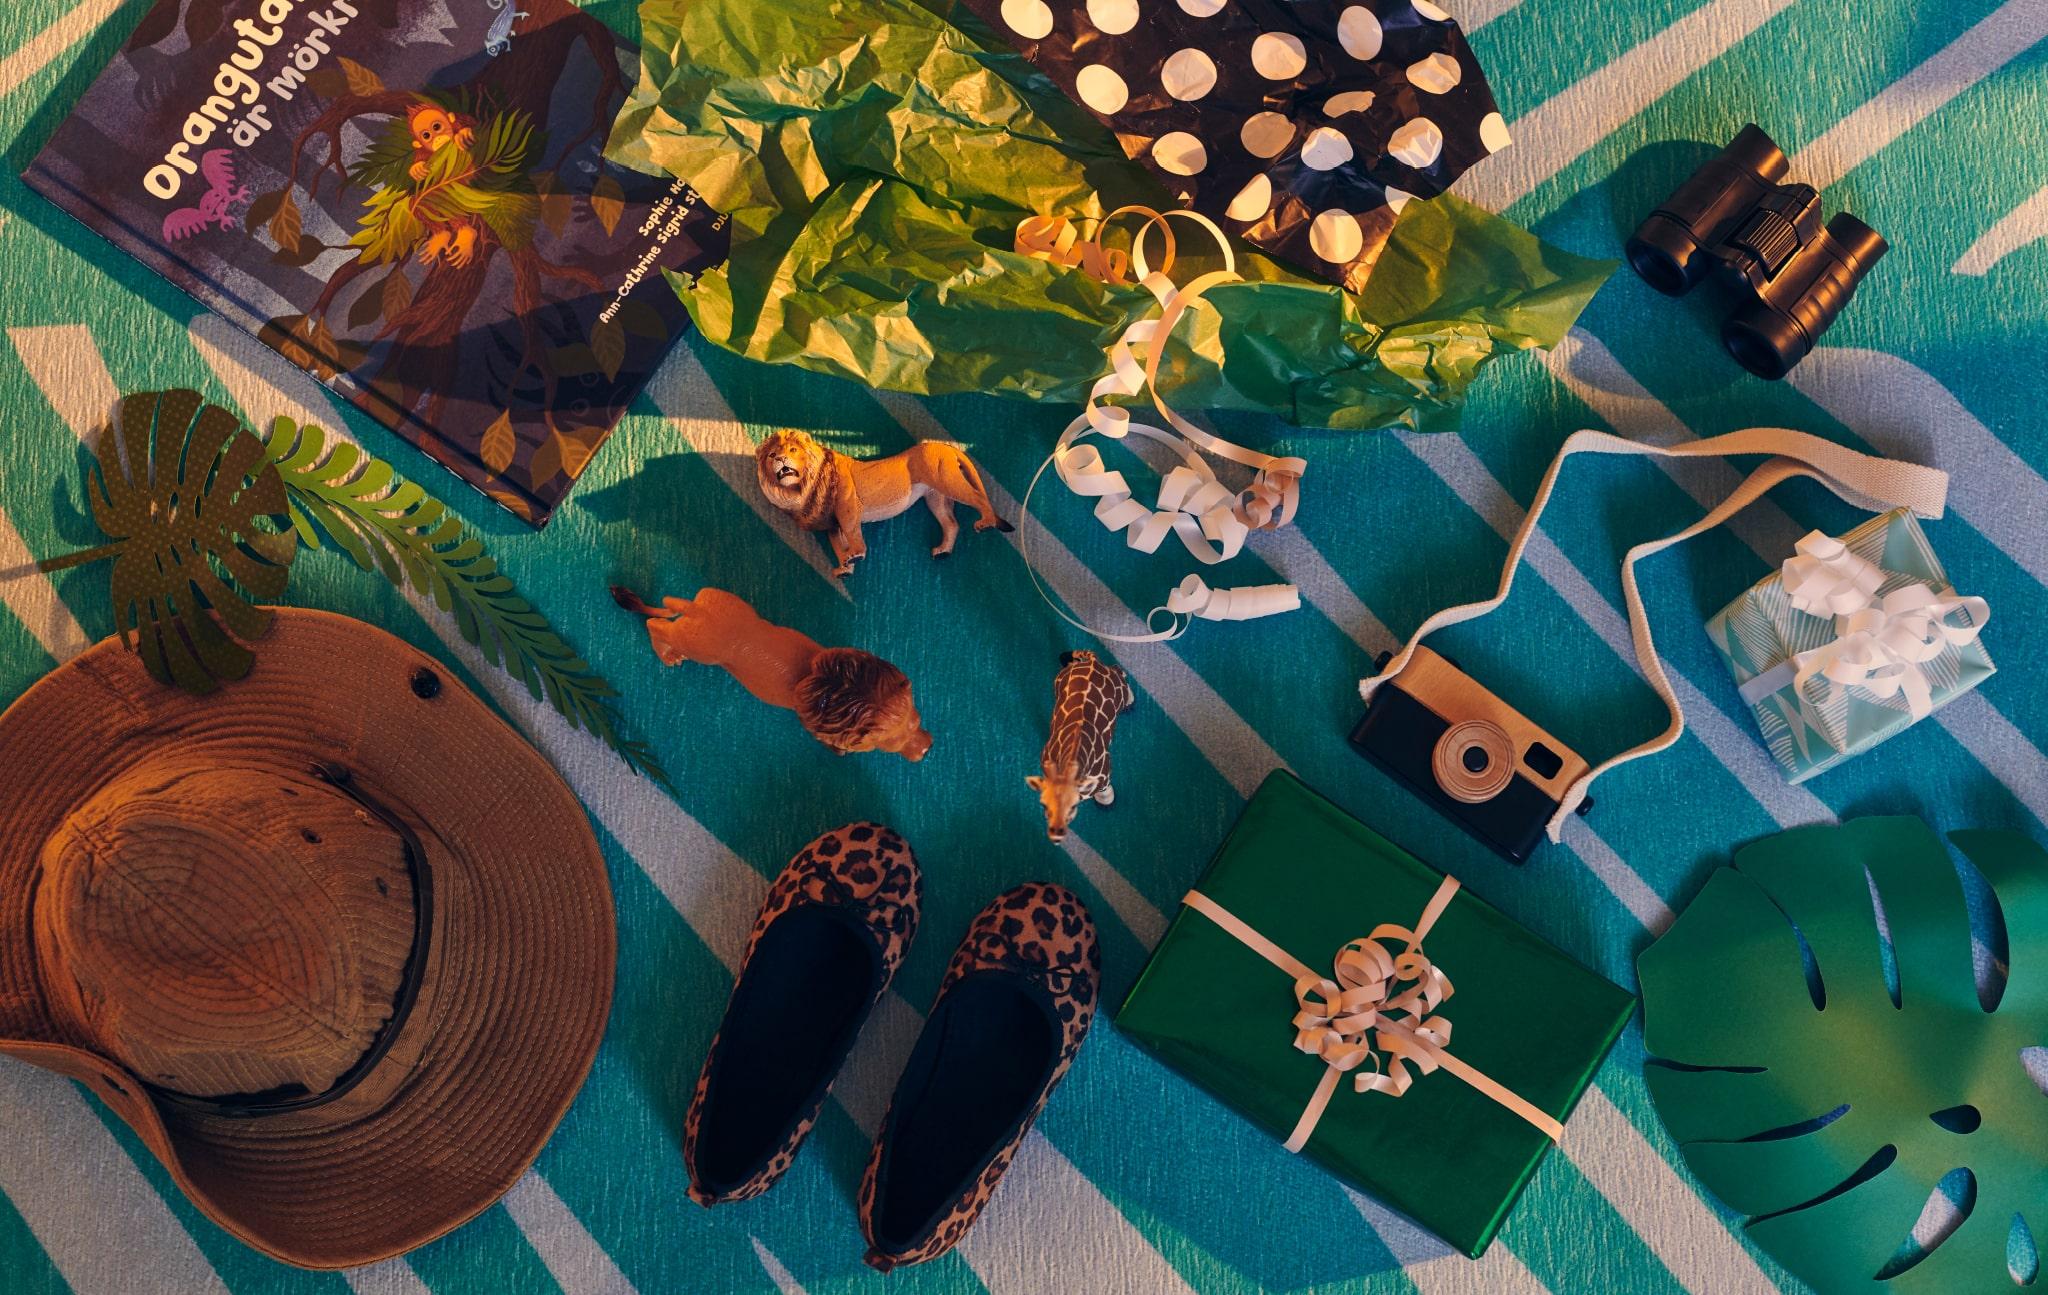 Berbagai hadiah dan mainan yang dibungkus dan yang tidak dengan tema eksplorasi dan petualangan terbaring di karpet GRACIÖS.